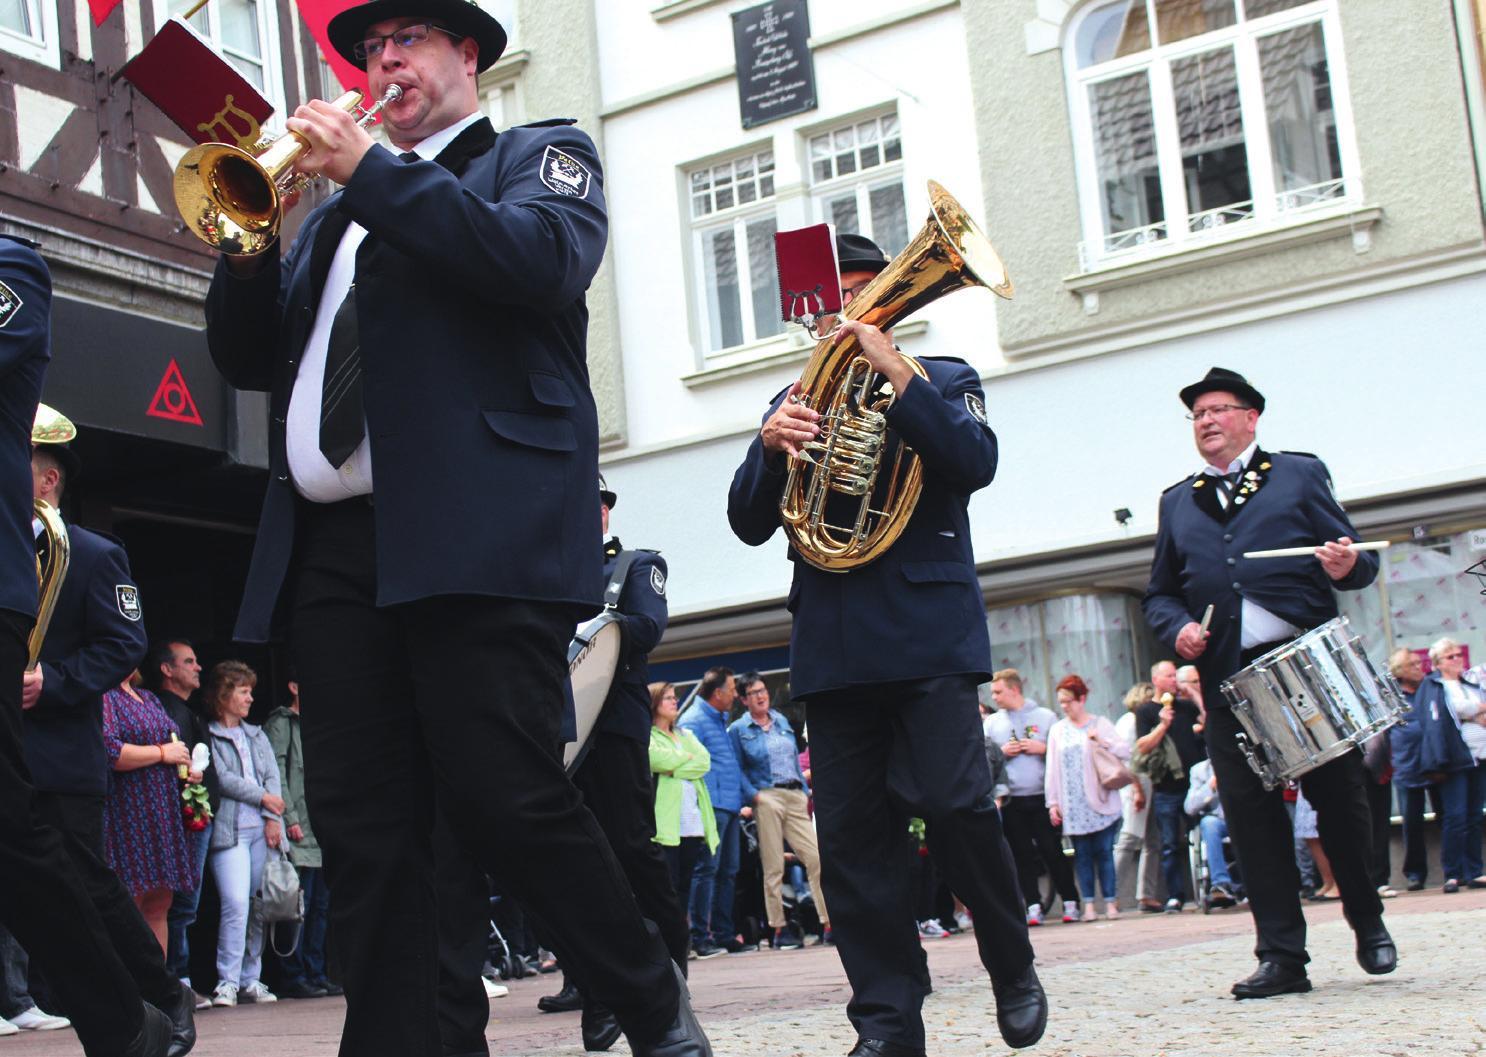 Freischiessen Fotoheft - Juli 2019 - IV. Image 21